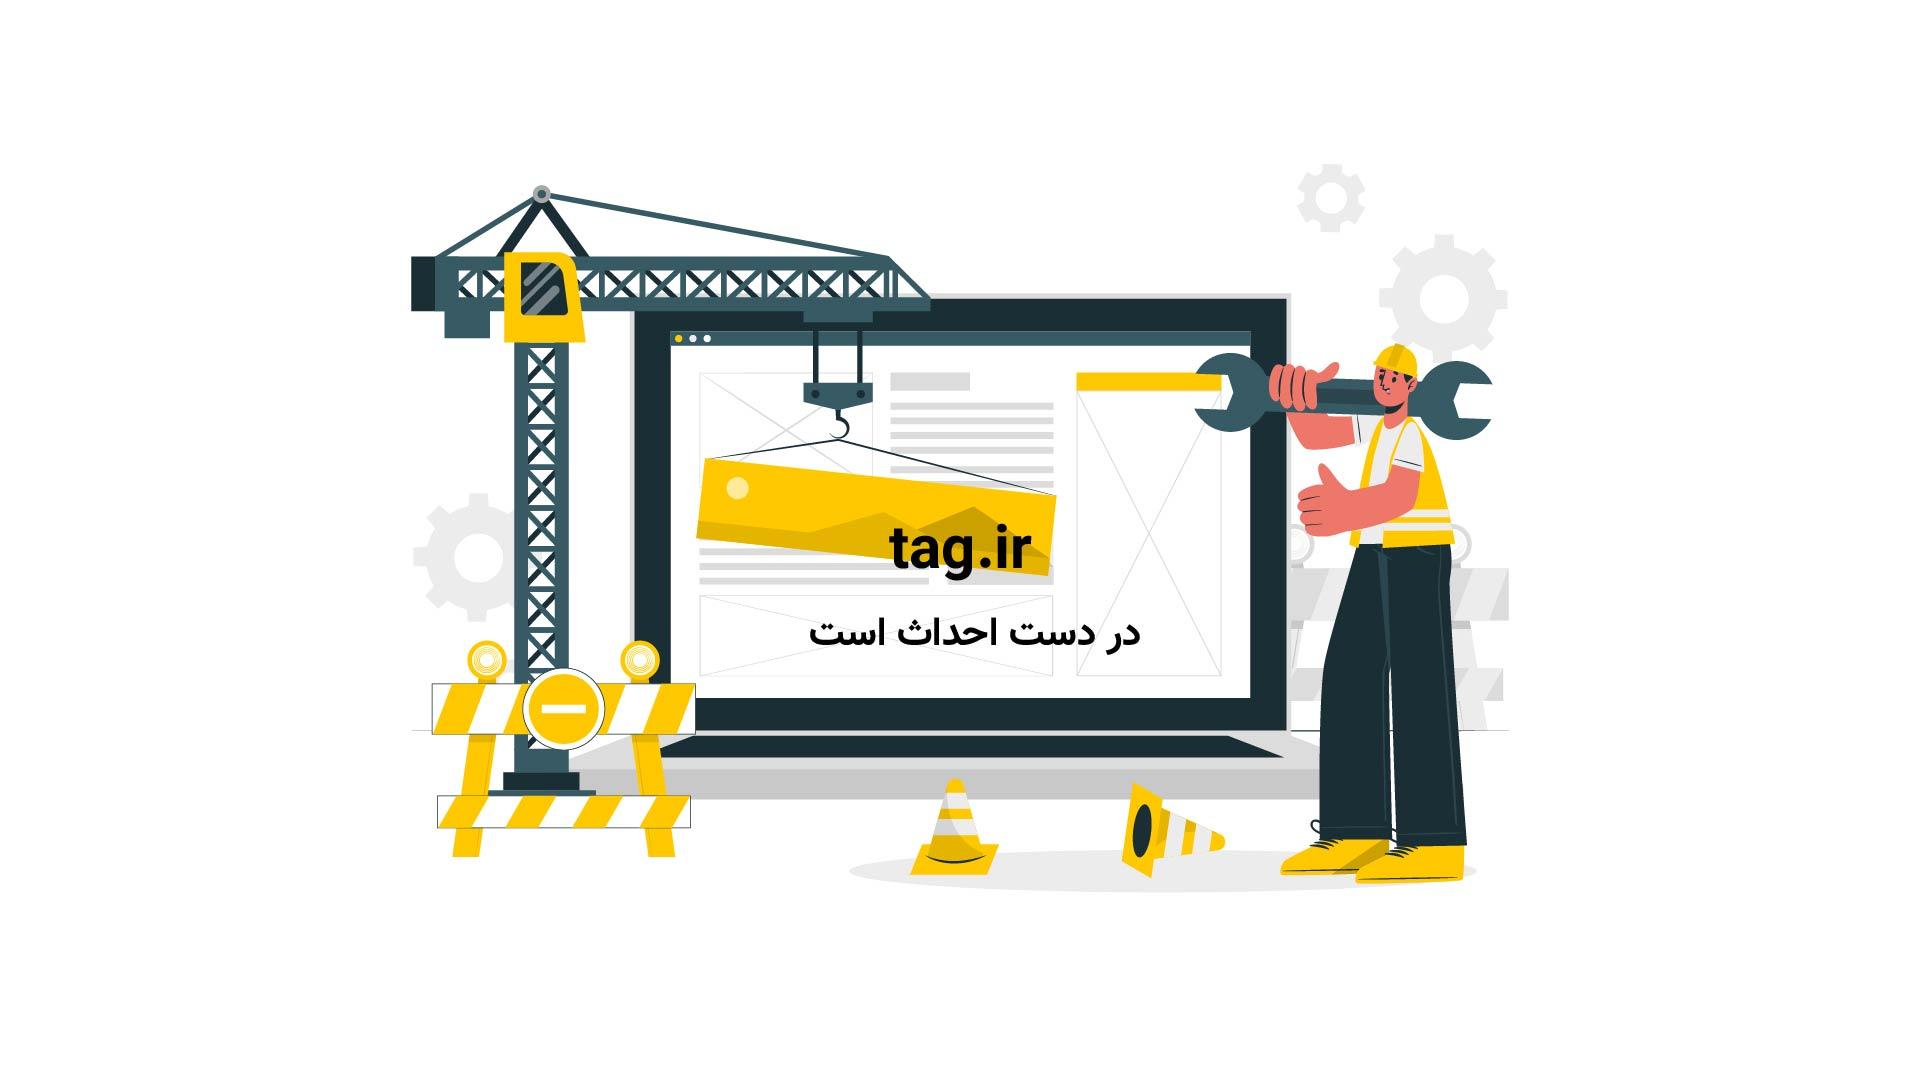 ساعت هوشمند بدون باتری ماتریکس رونمایی شد | فیلم